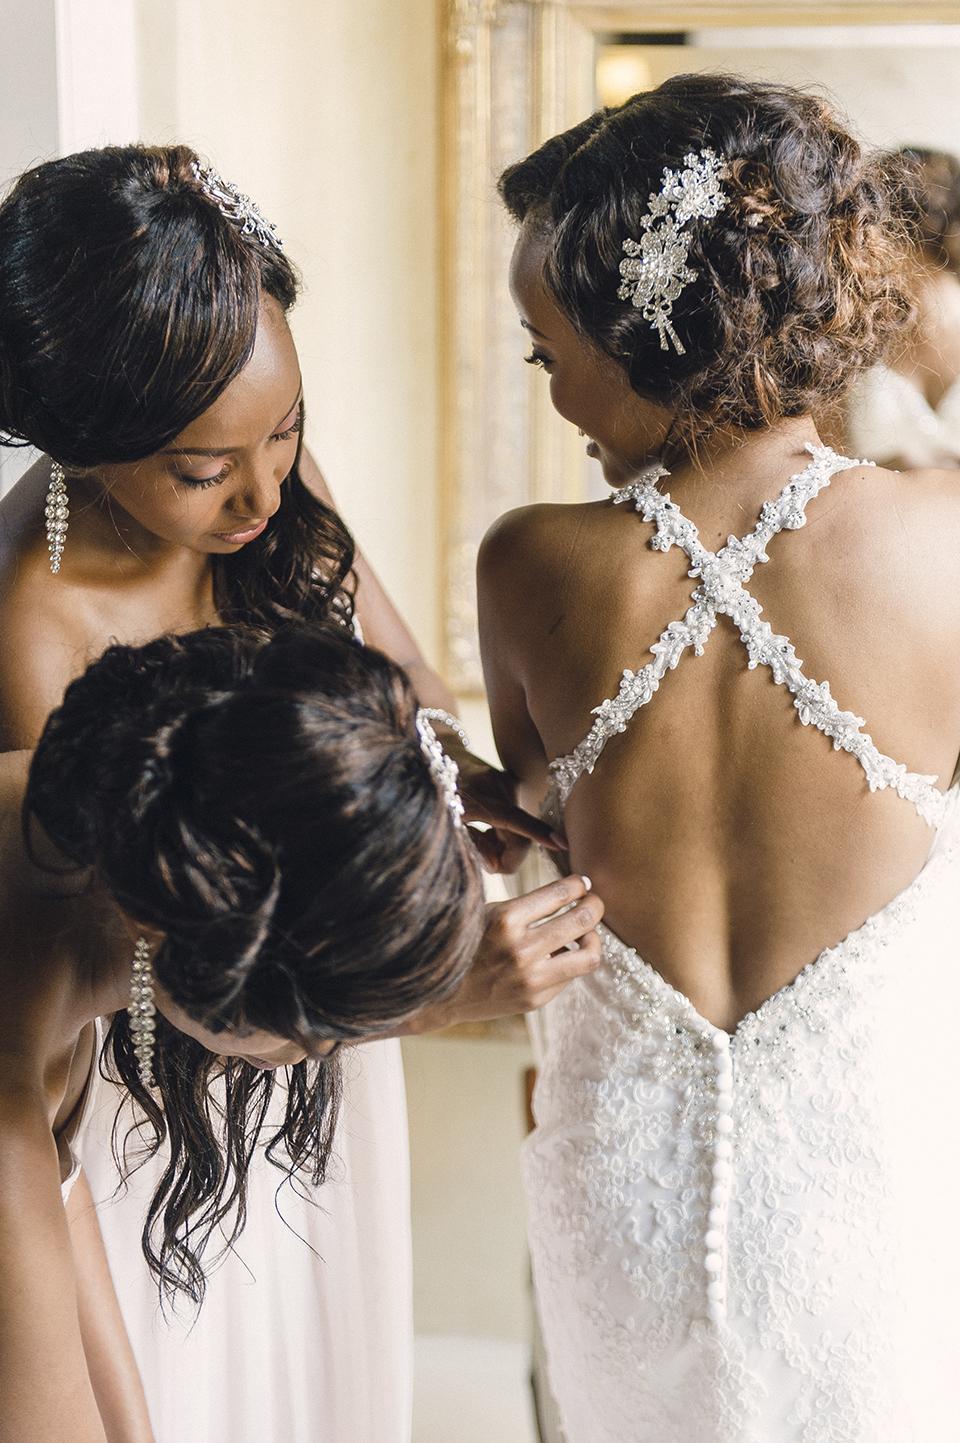 RyanParker_WeddingPhotographer_FineArt_CapeTown_Johannesburg_Hermanus_Avianto_T&L_DSC_8920.jpg